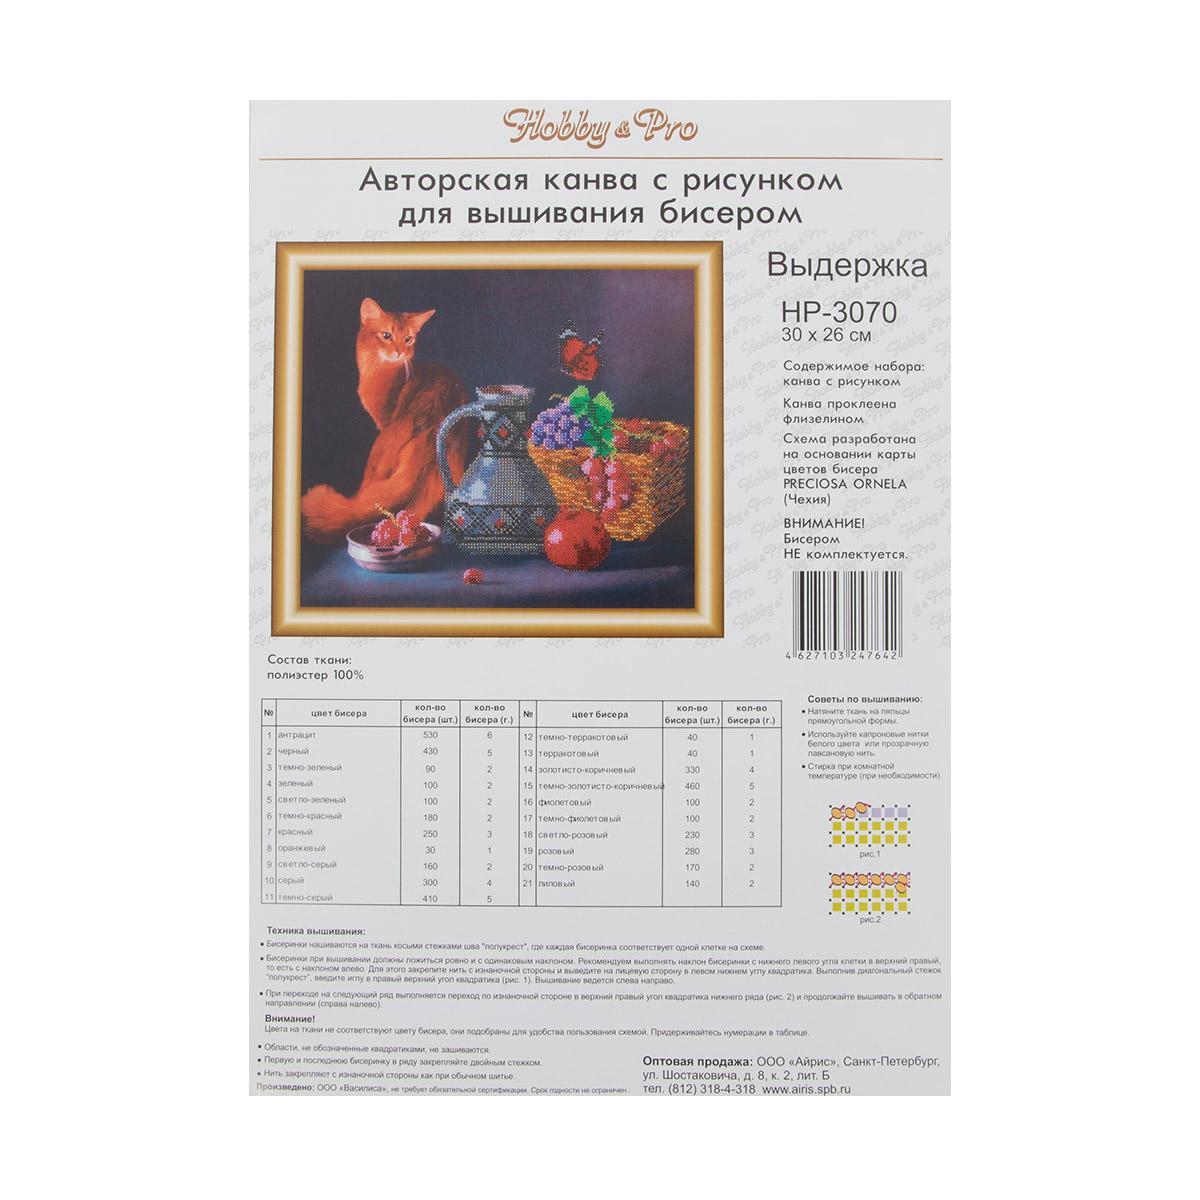 НР-3070 Канва с рисунком для вышивания бисером 'Выдержка' Hobby&Pro 30*26см